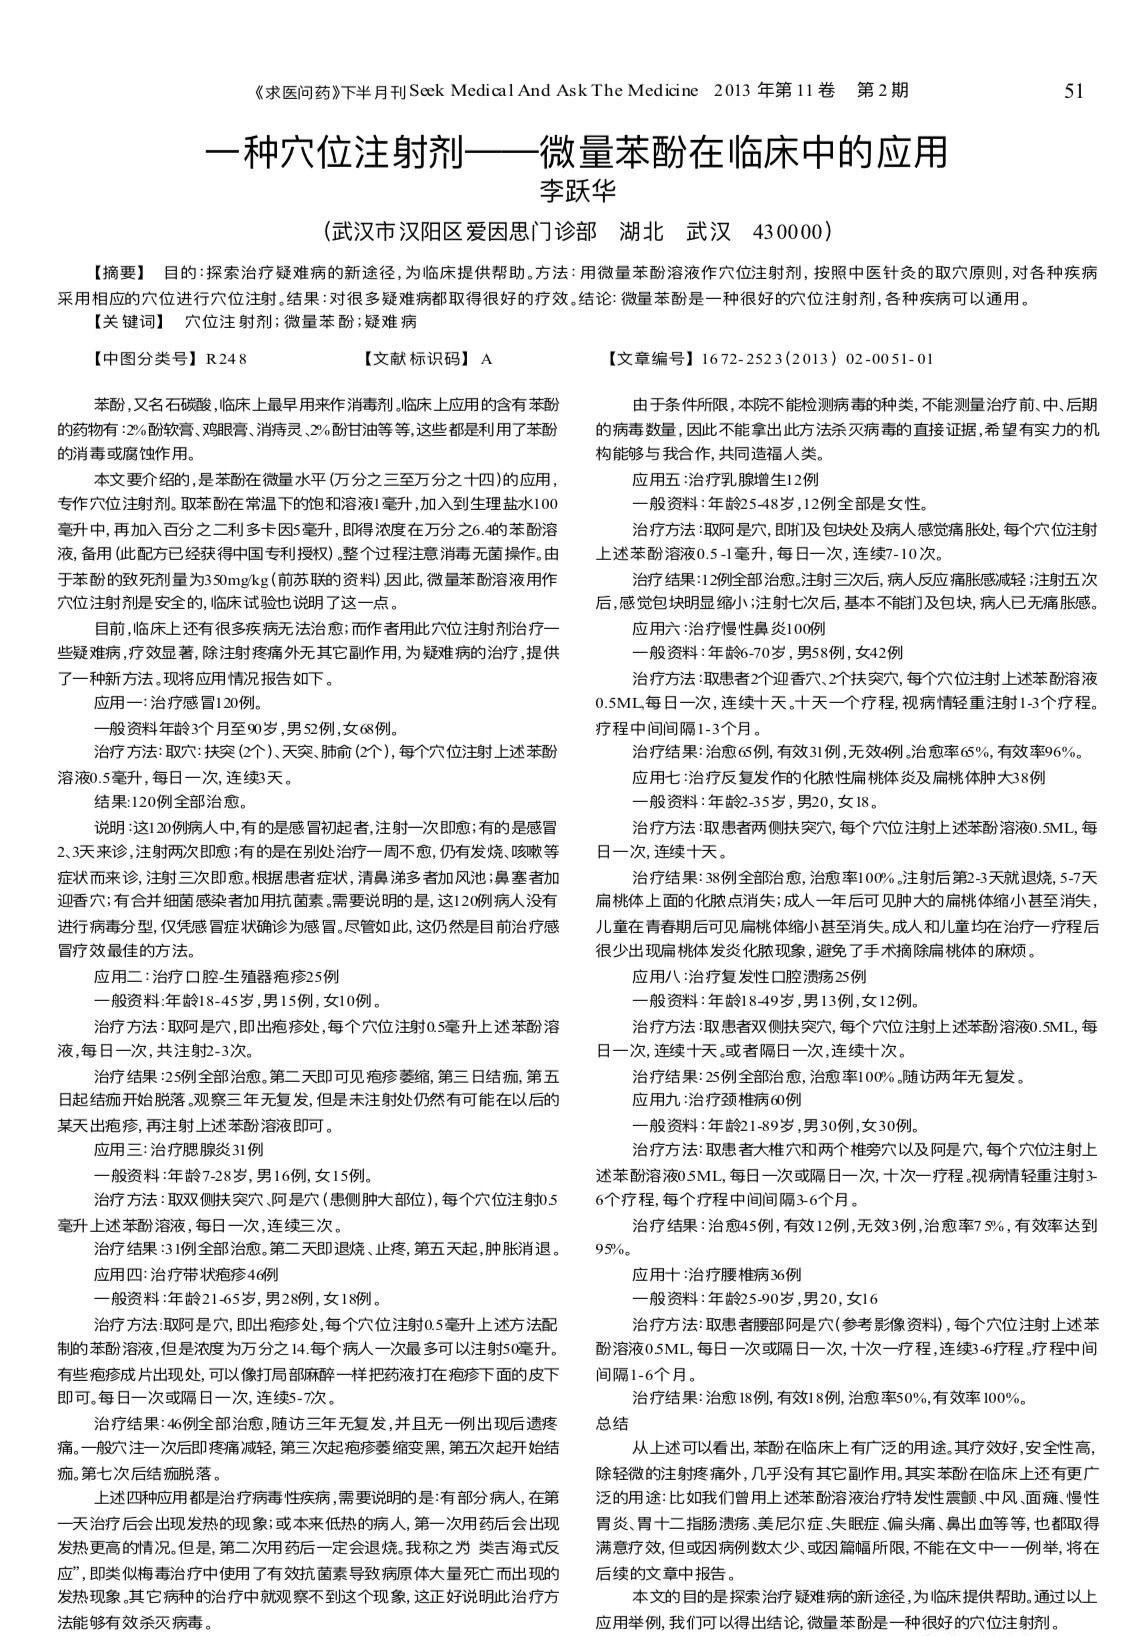 李跃华发表的相关文章。截图